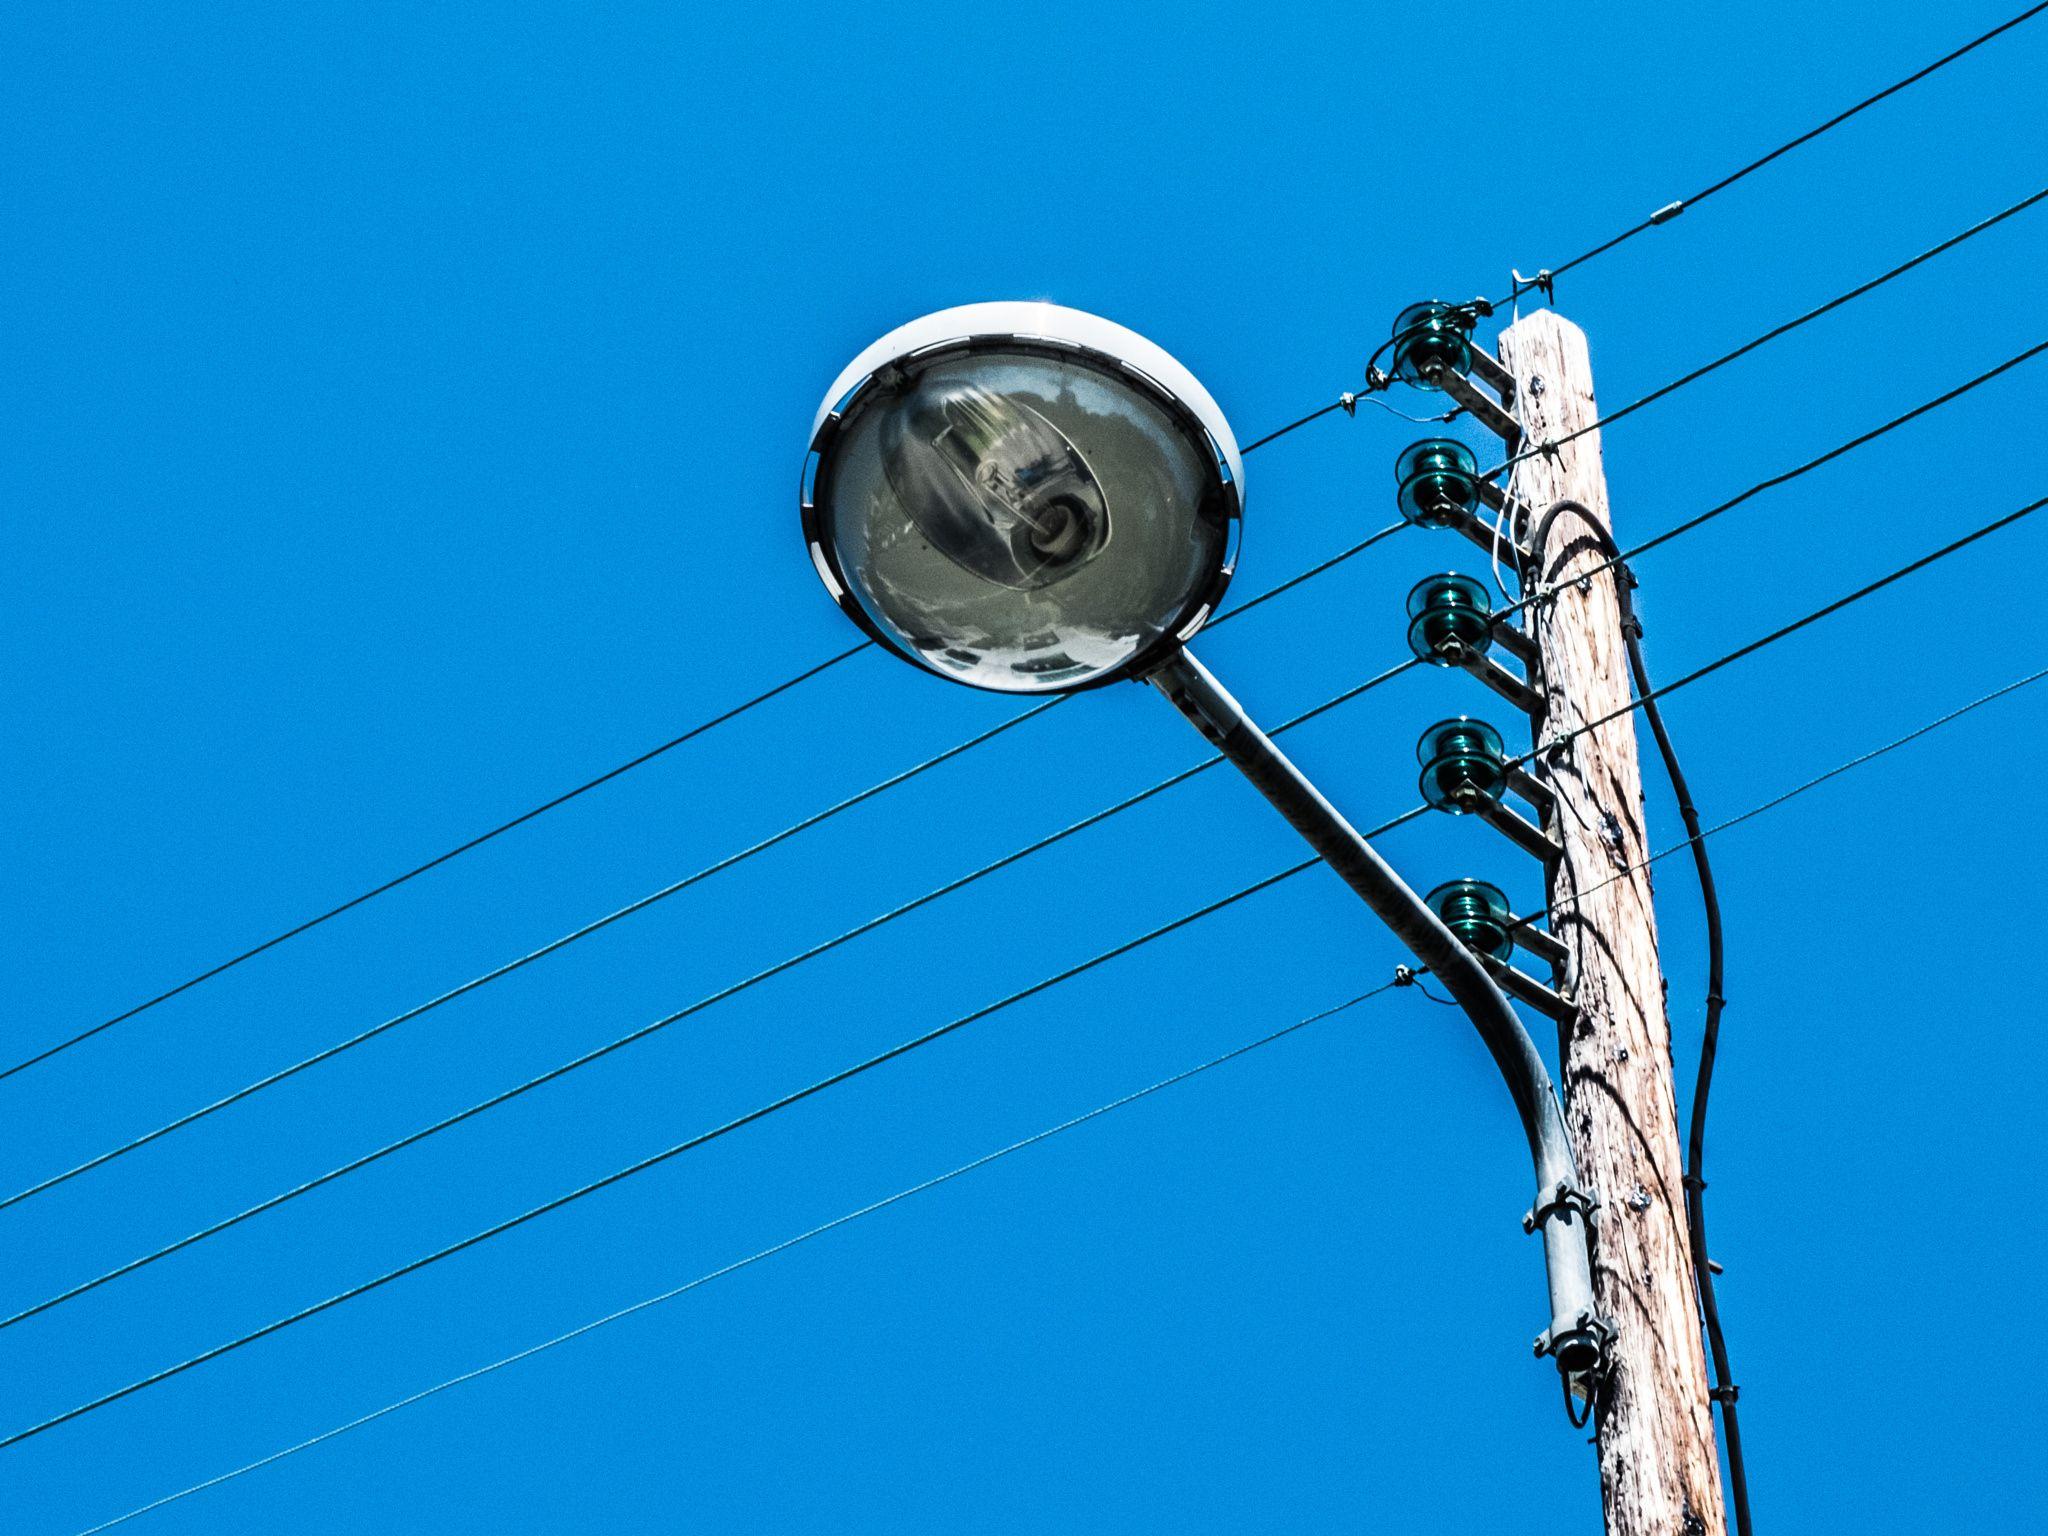 Street Lamp by Romain_SARTORIO on 500px